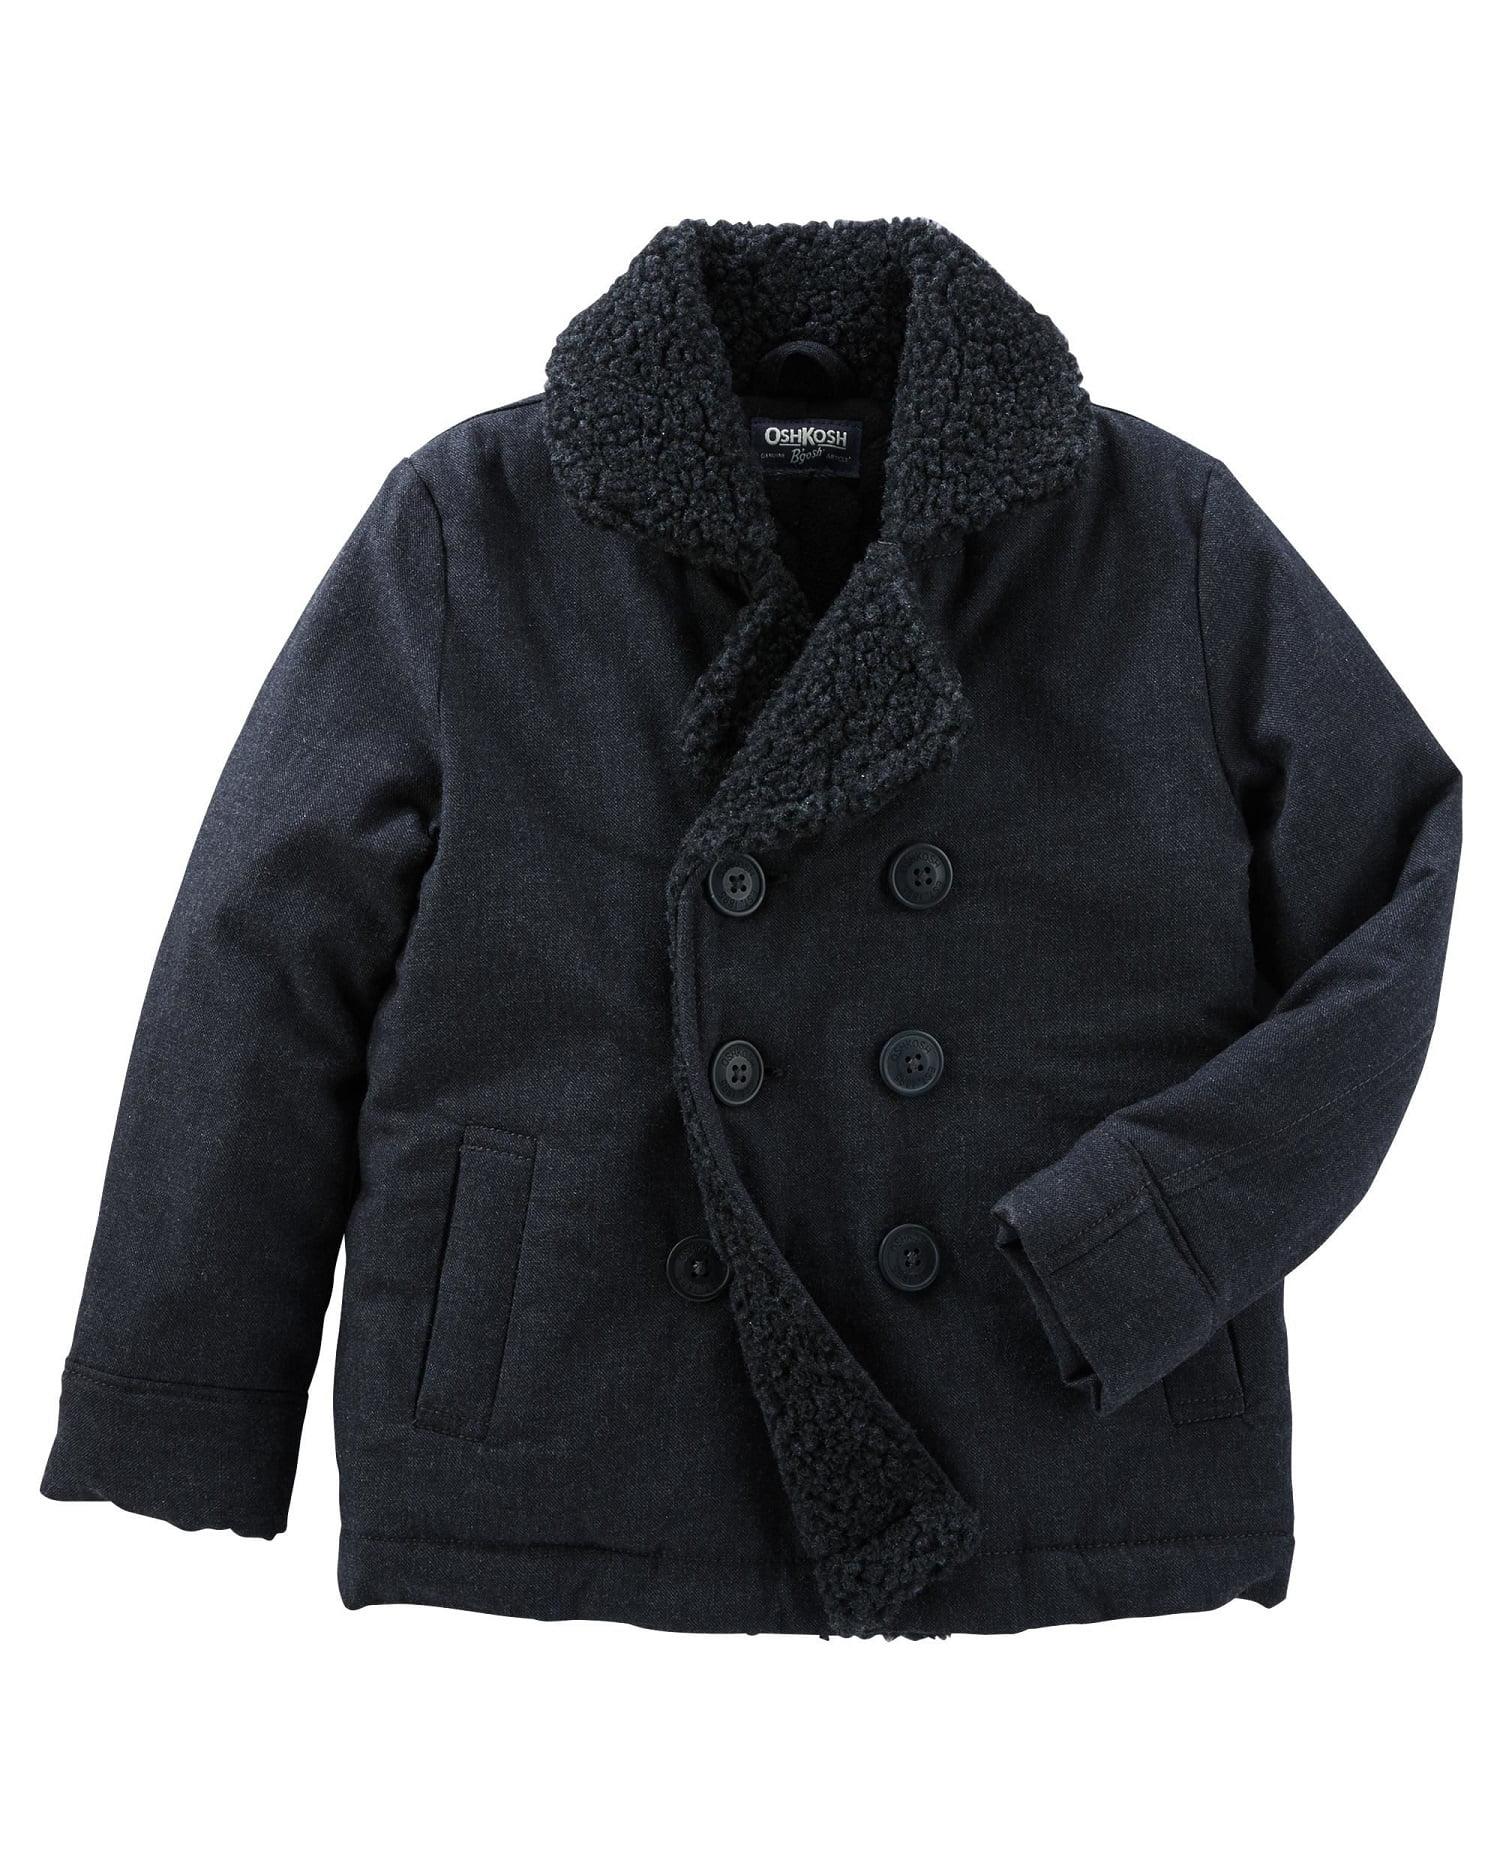 OshKosh B'gosh Little Boys' Double-Breasted Coat, 4-Toddler